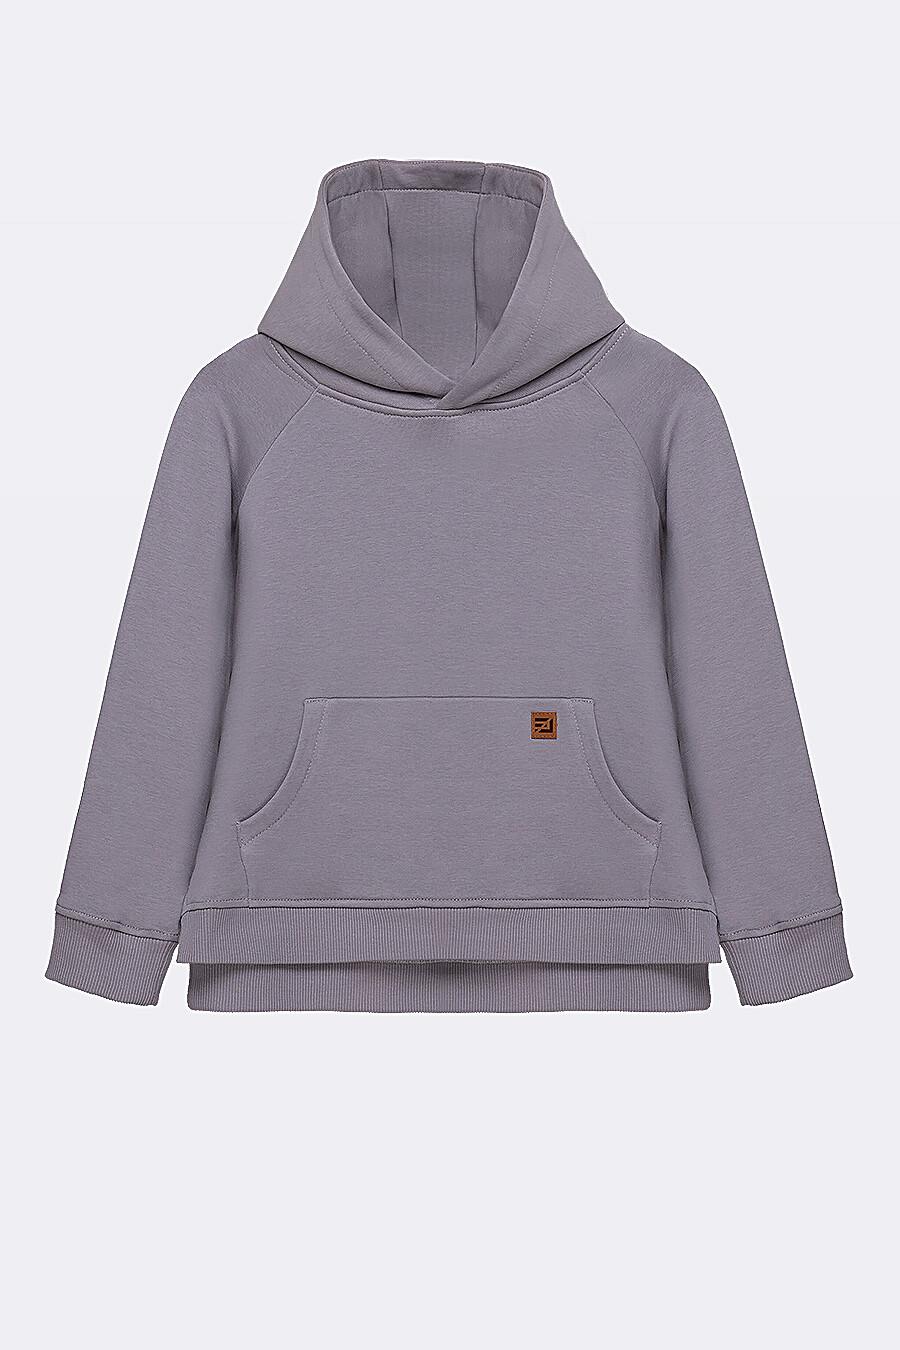 Костюм(Худи+Брюки) для девочек EZANNA 682533 купить оптом от производителя. Совместная покупка детской одежды в OptMoyo